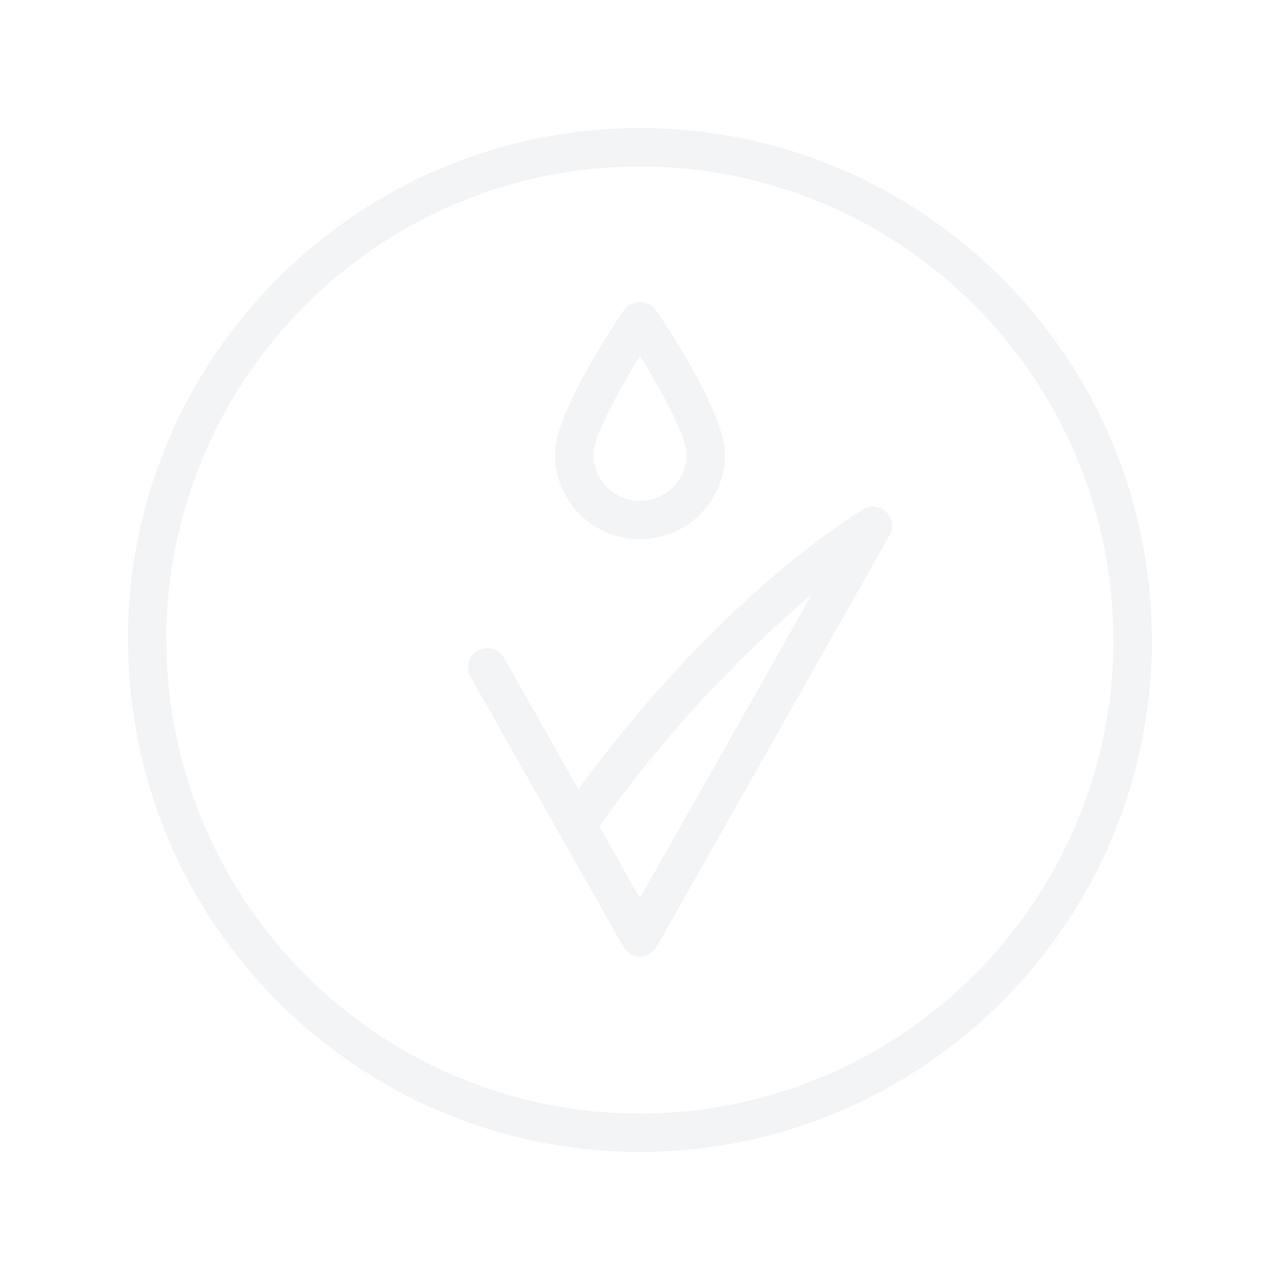 BALMAIN Professional Titanium Straightener профессиональный титановый выпрямитель для волос